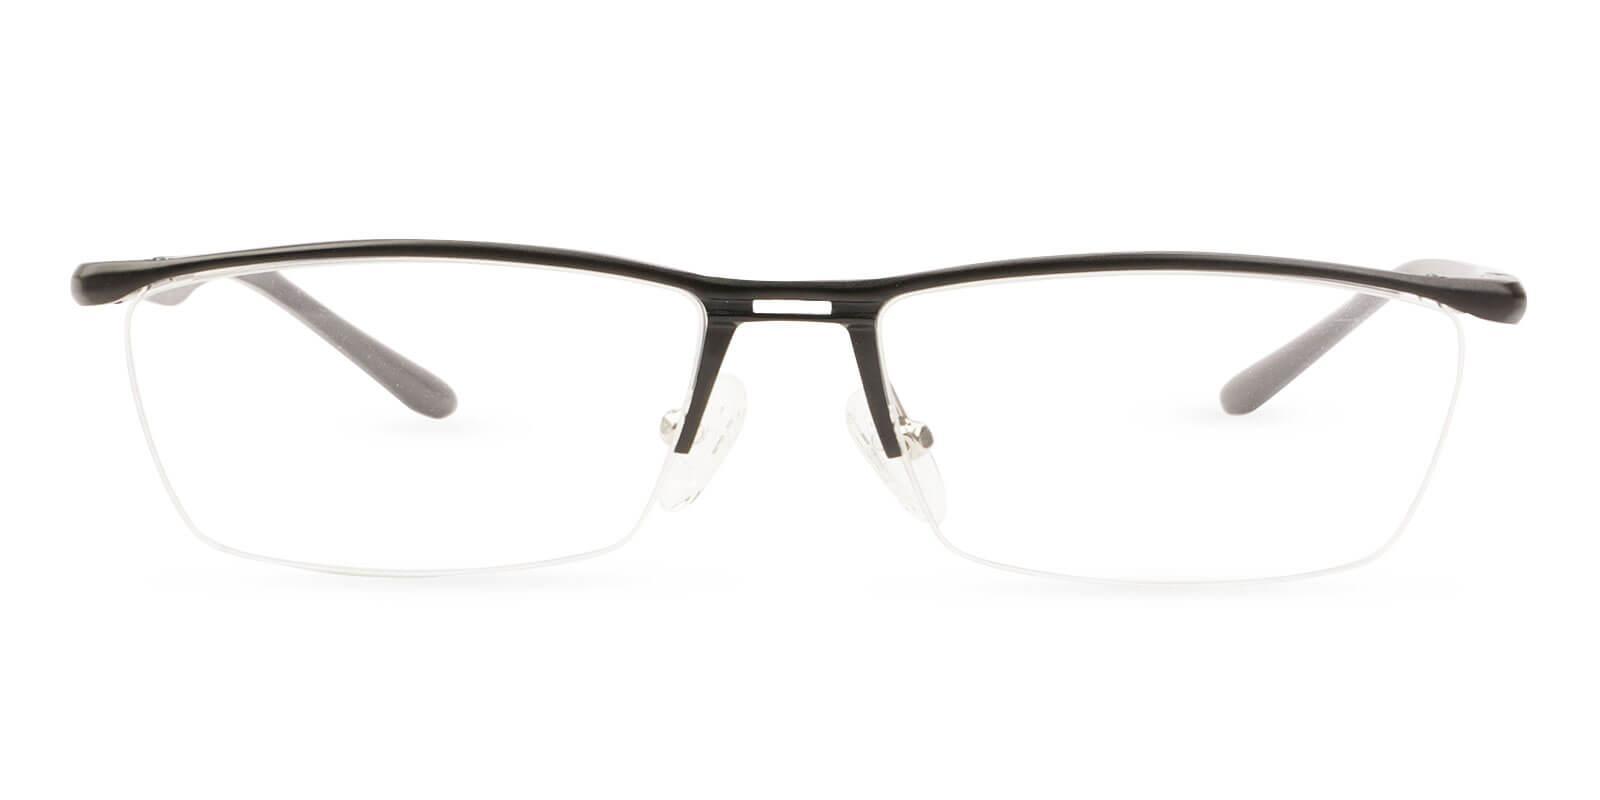 Vital Black Metal NosePads , SportsGlasses , SpringHinges Frames from ABBE Glasses